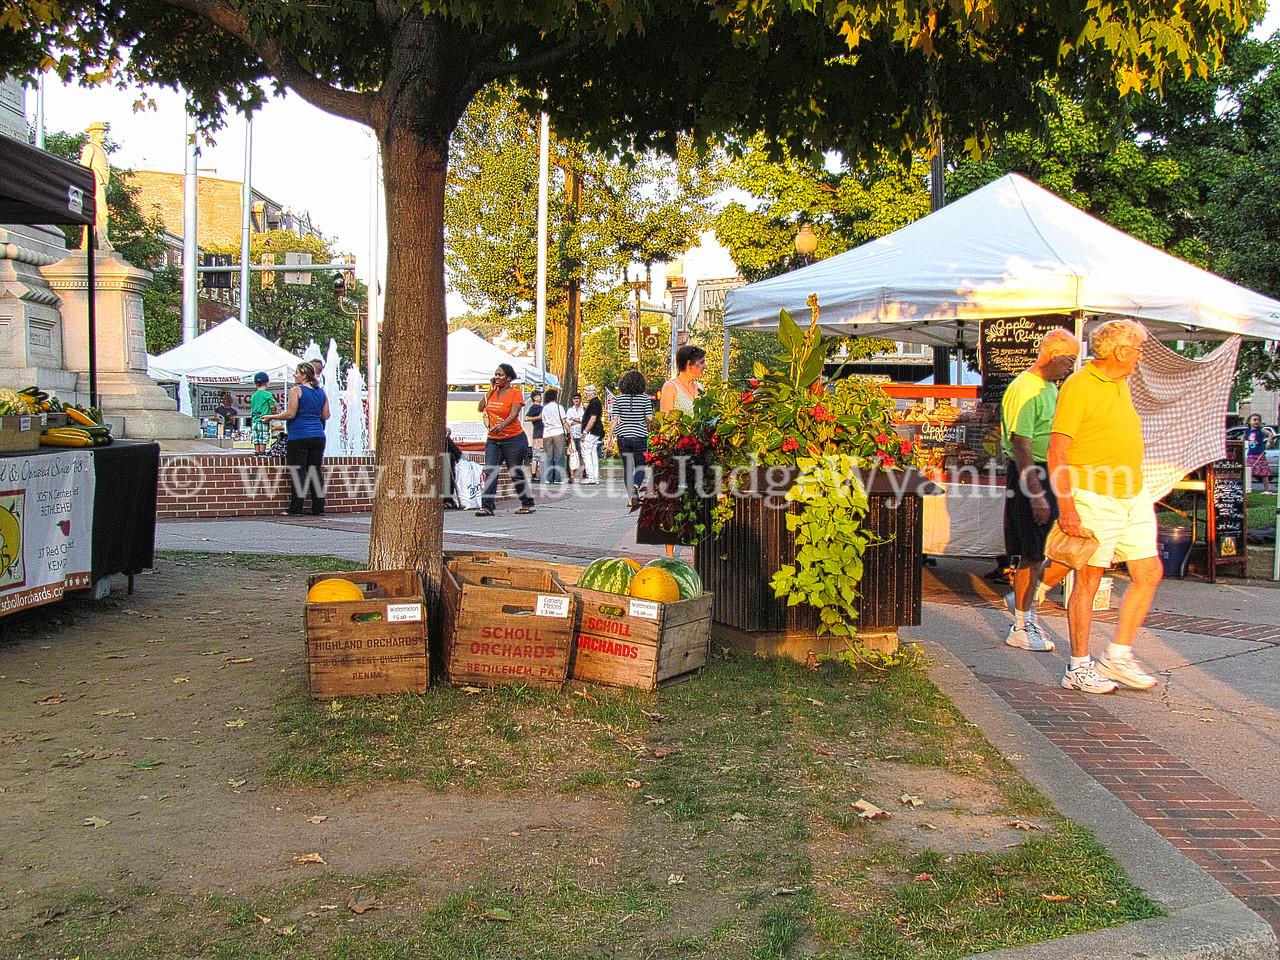 Easton Farmers Market WW 9/16/15